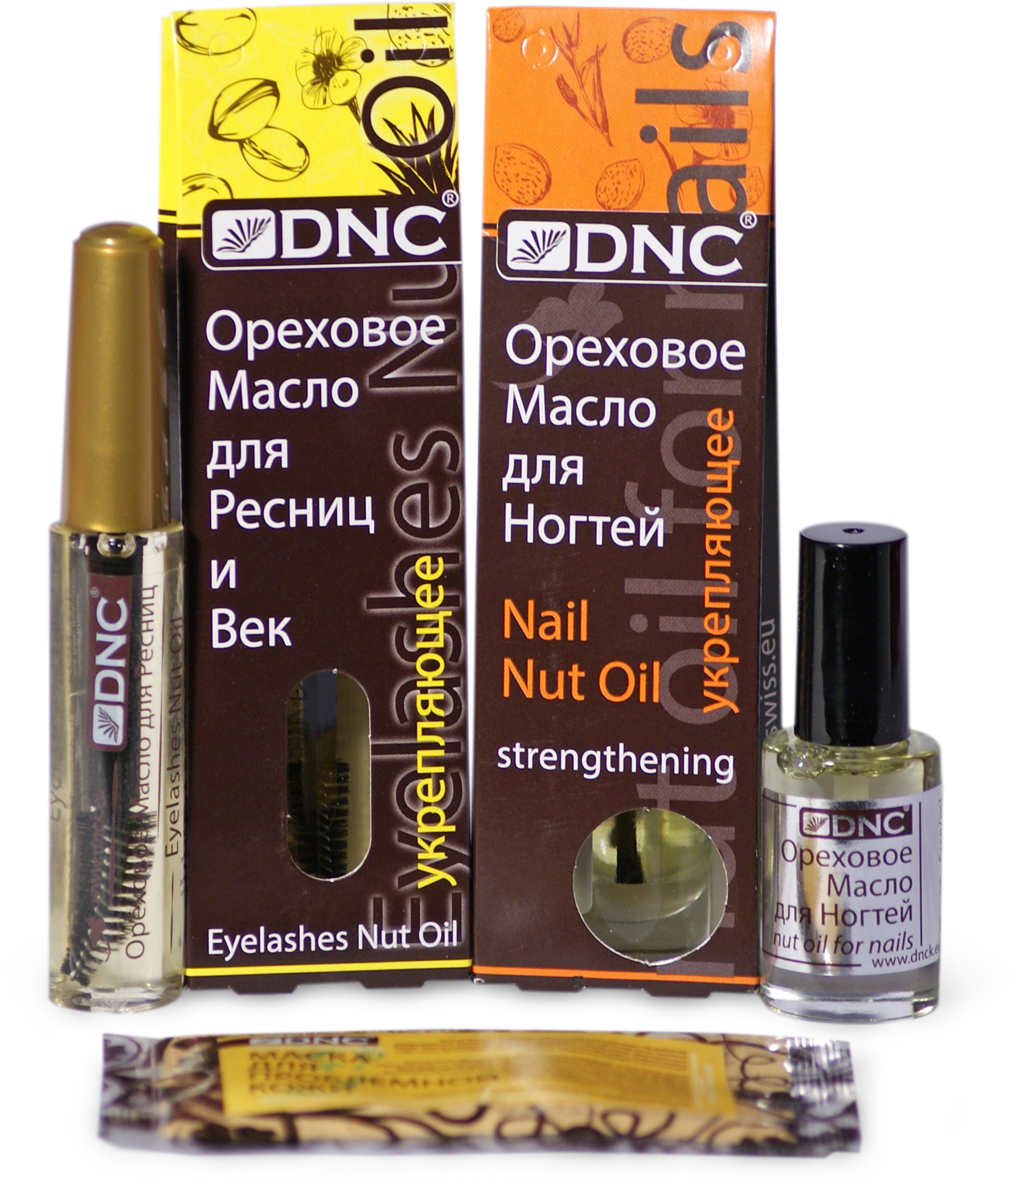 DNC Набор: Ореховое масло для ресниц укрепляющее, 12 мл; Ореховое масло для ногтей укрепляющее, 6 мл + Подарок Маска для лица, 15 мл цена